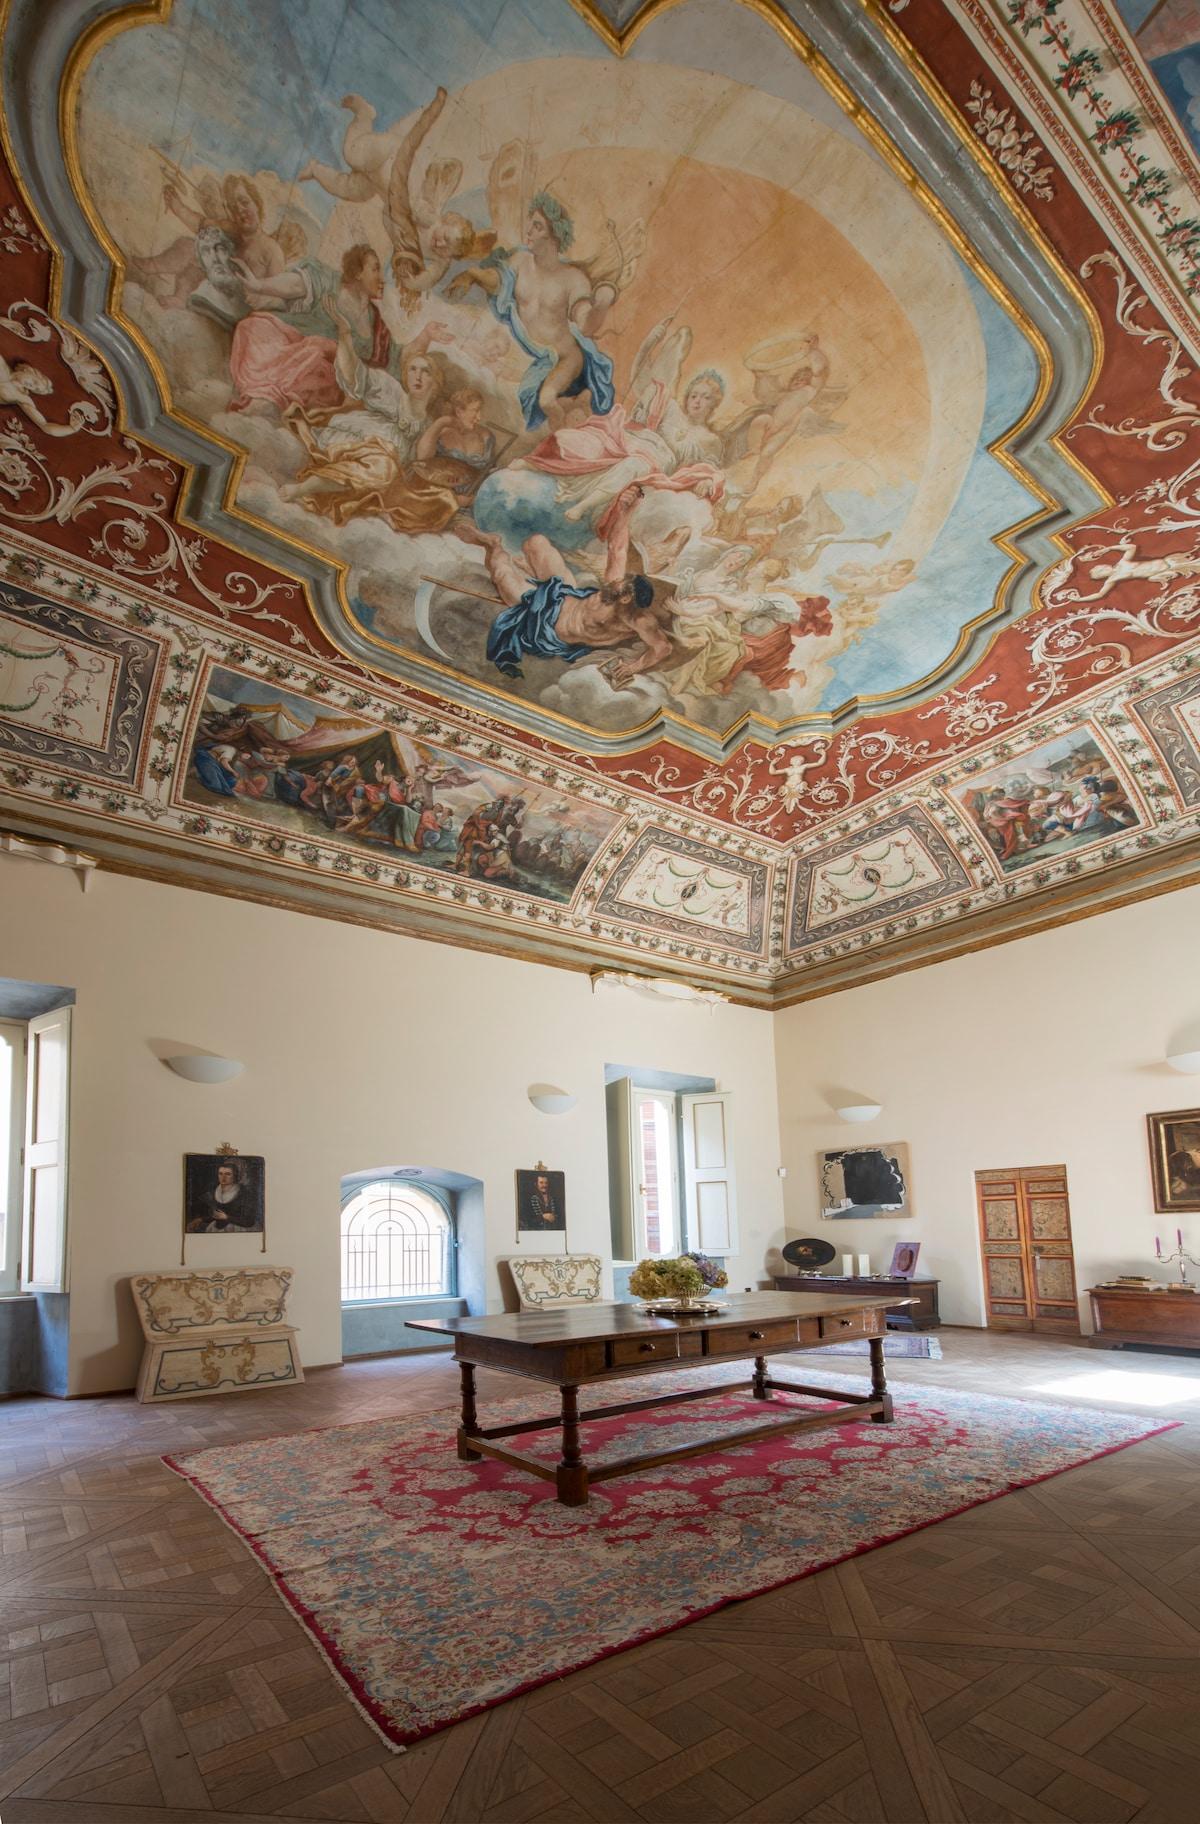 La poesia degli affreschi